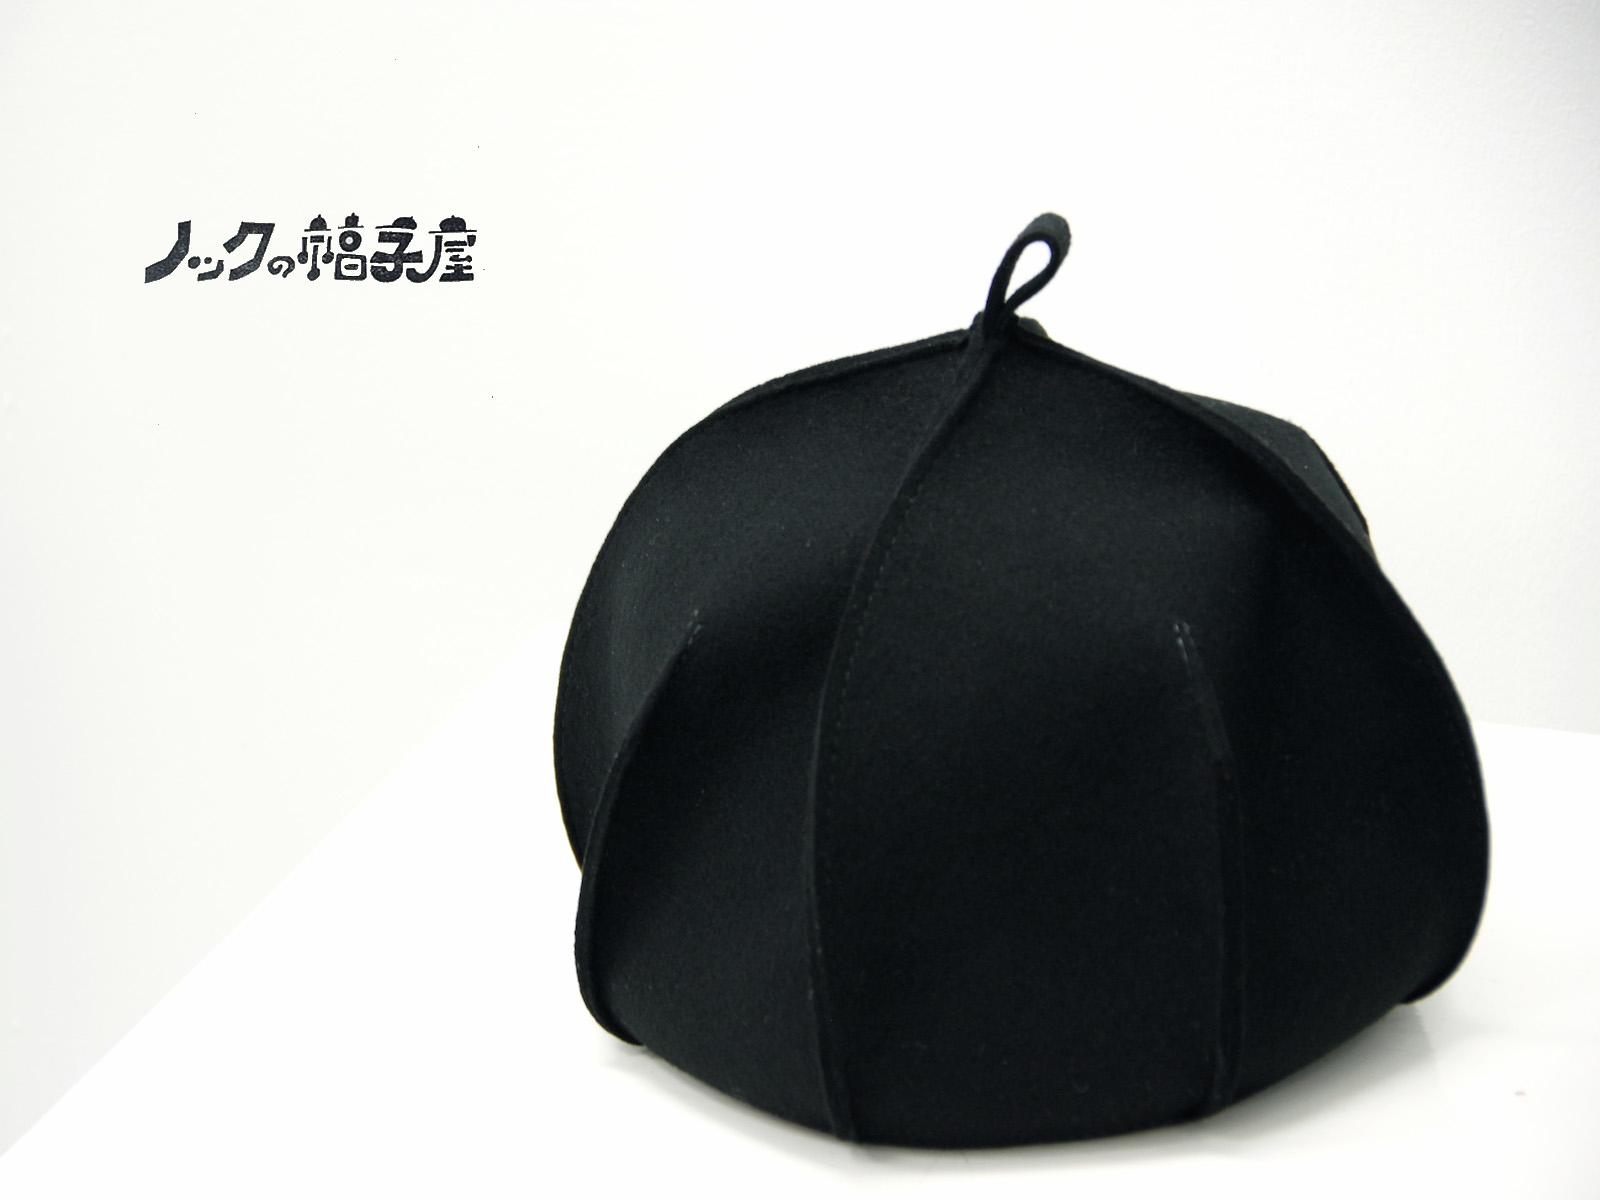 新入荷 – ノックの帽子屋 王冠ベレー